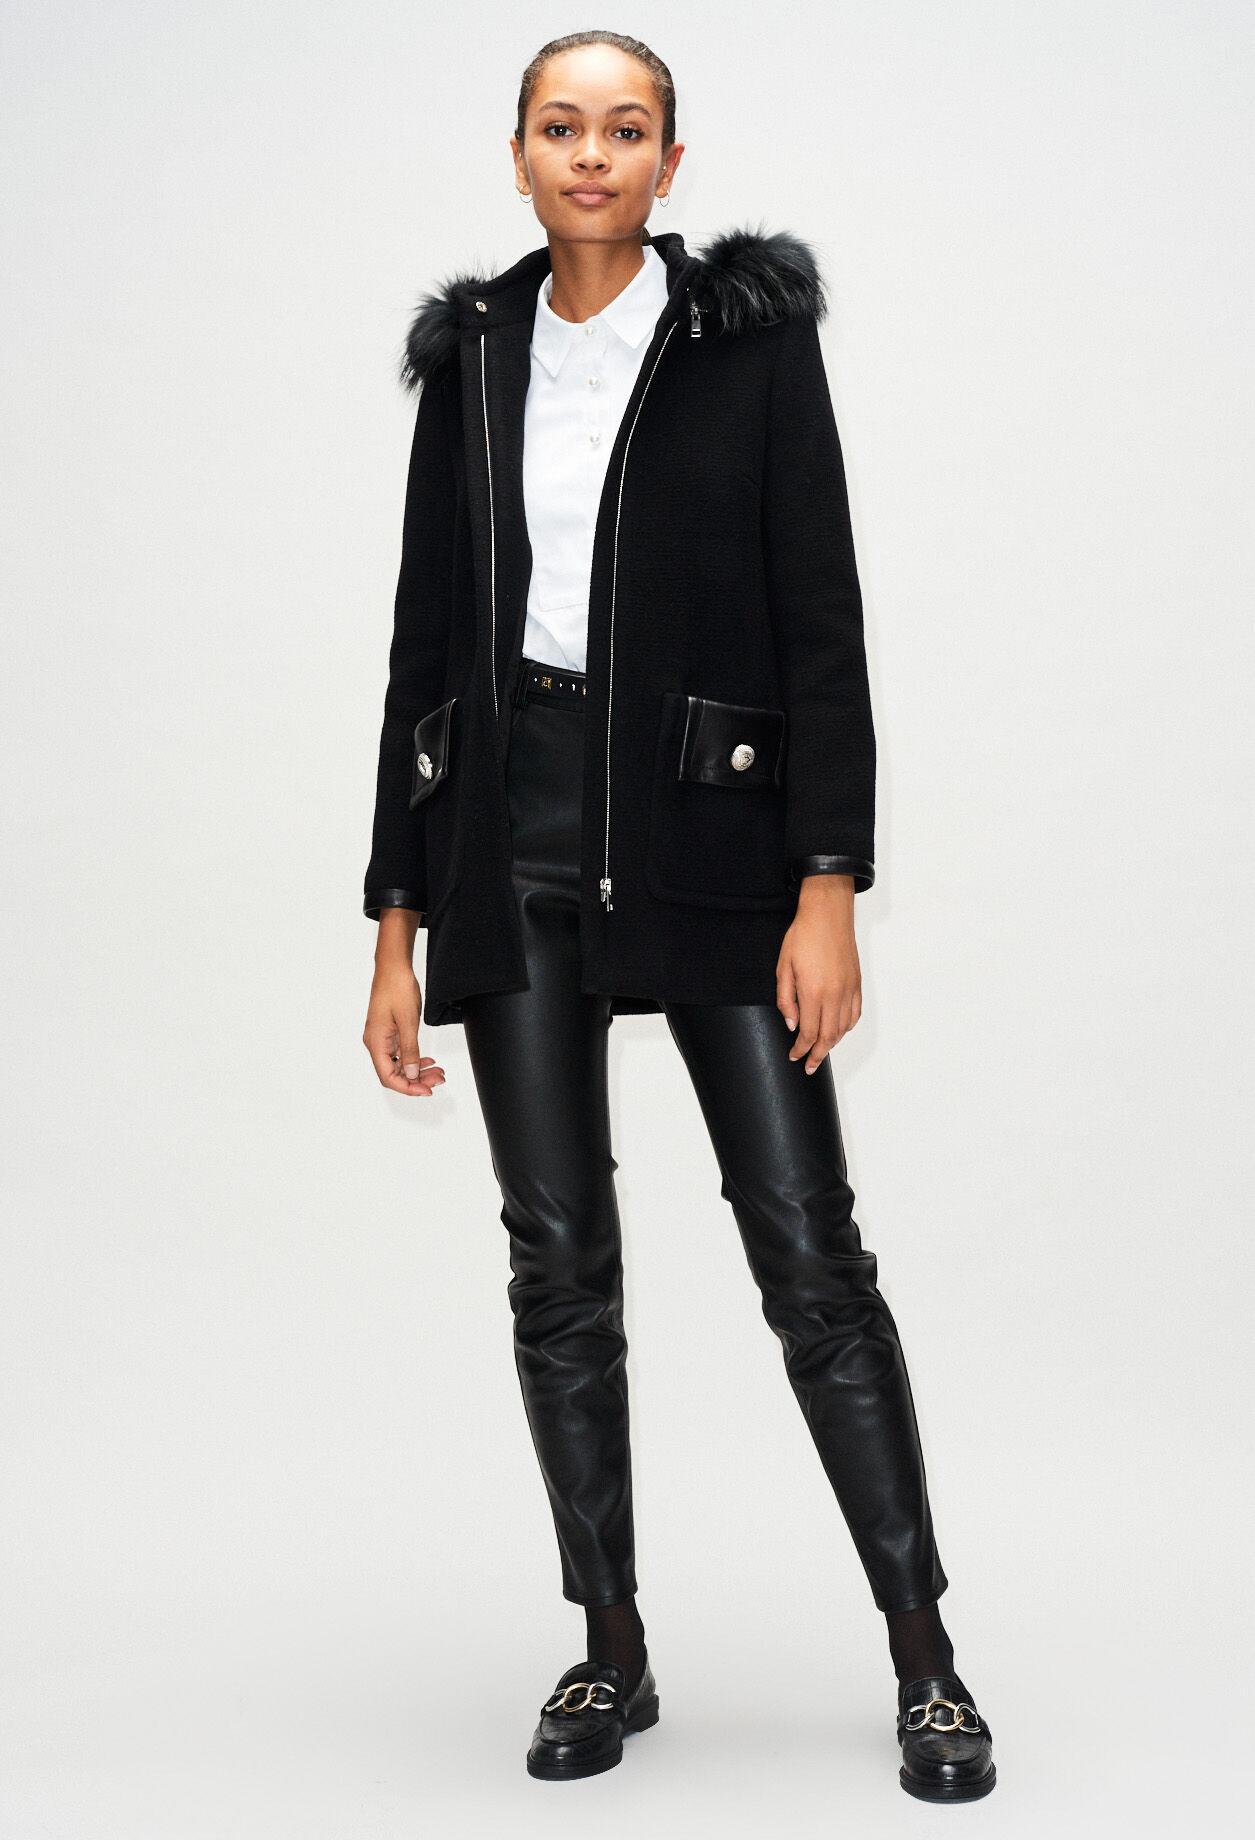 Manteau chic femme : blousons et manteaux | Claudie Pierlot